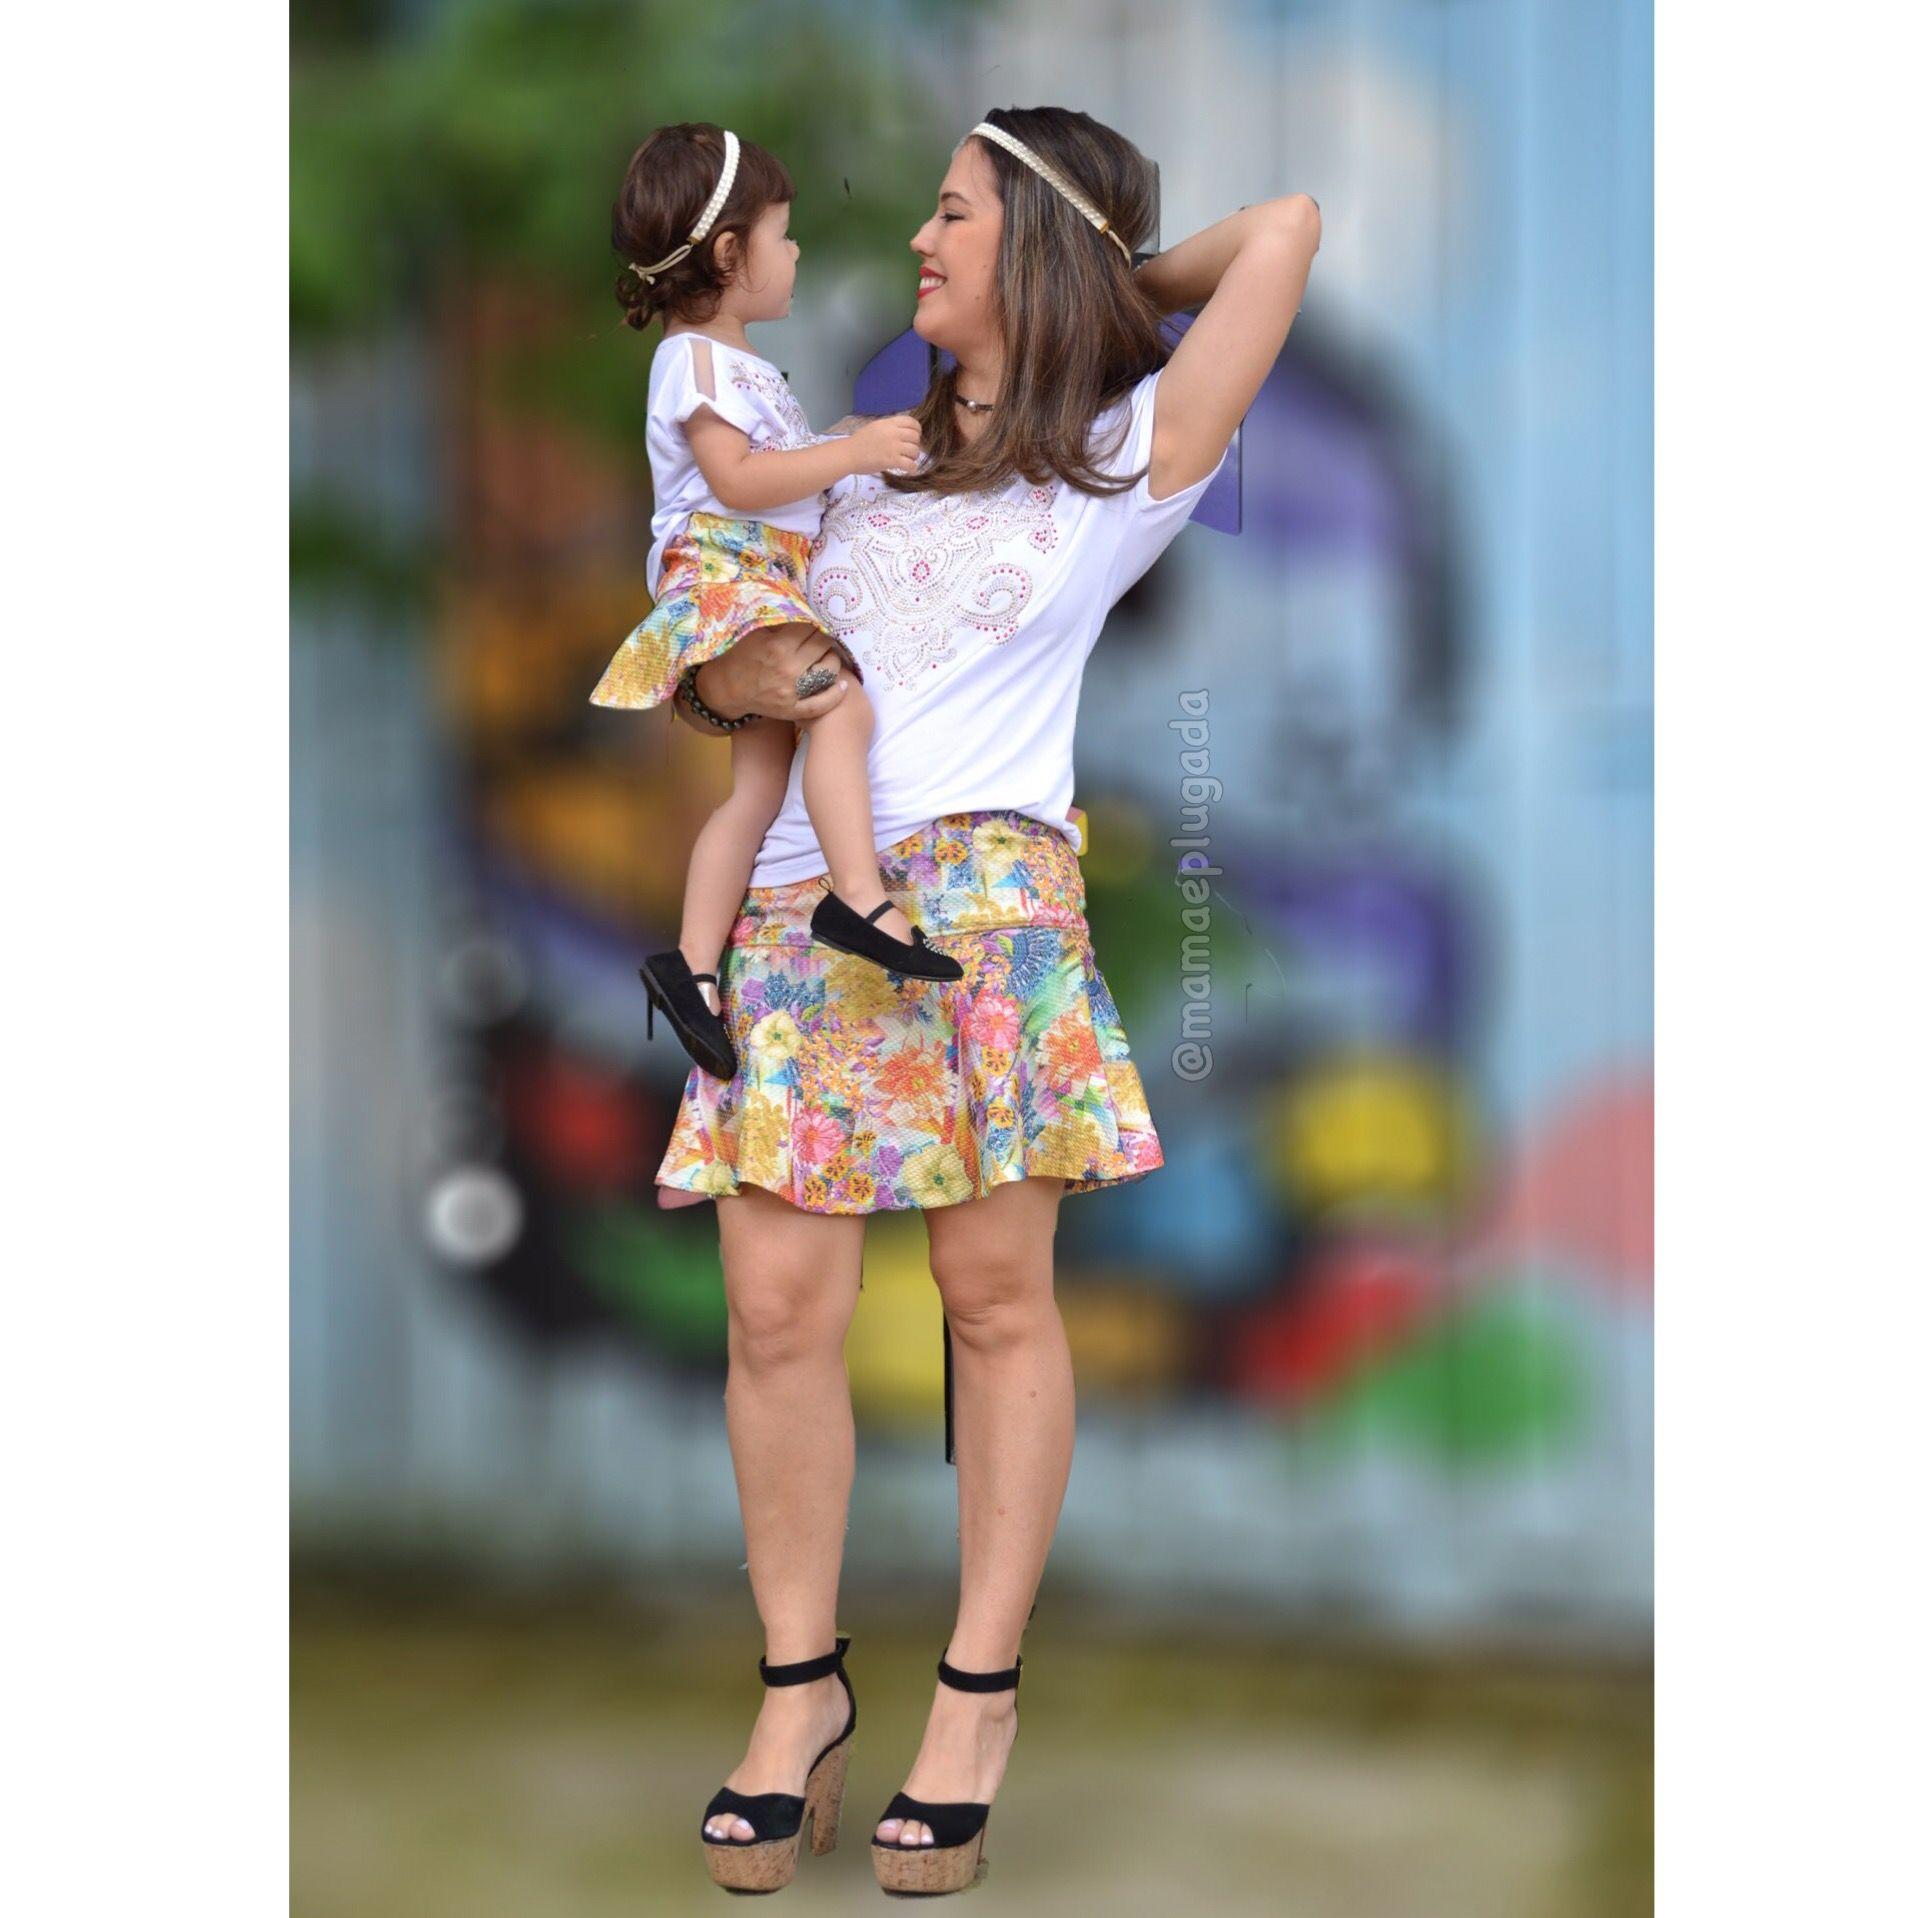 Moda tal mãe tal filha   Mamãe Plugada